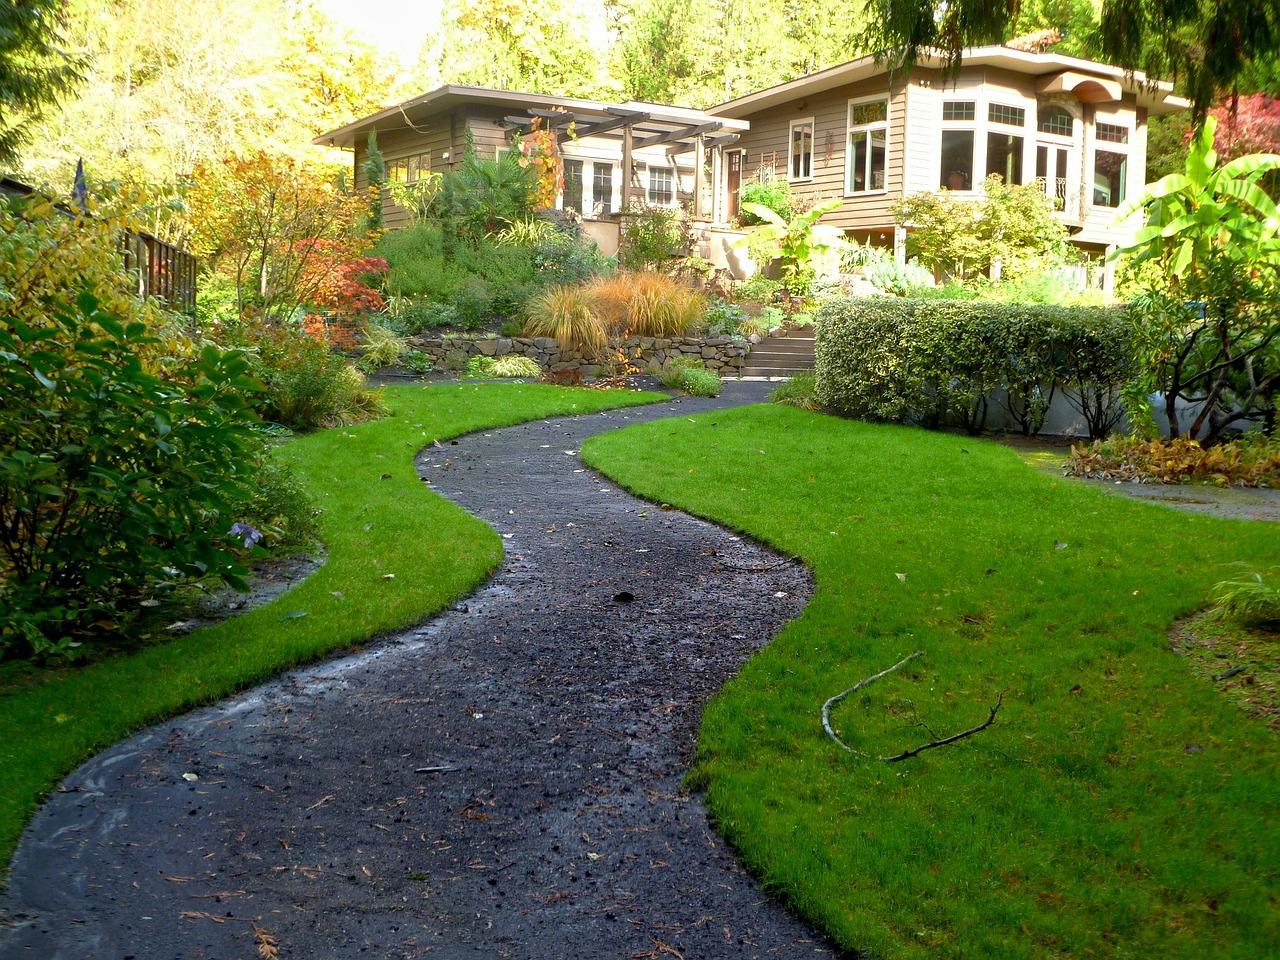 Jardin avec une allée menant à une grande maison